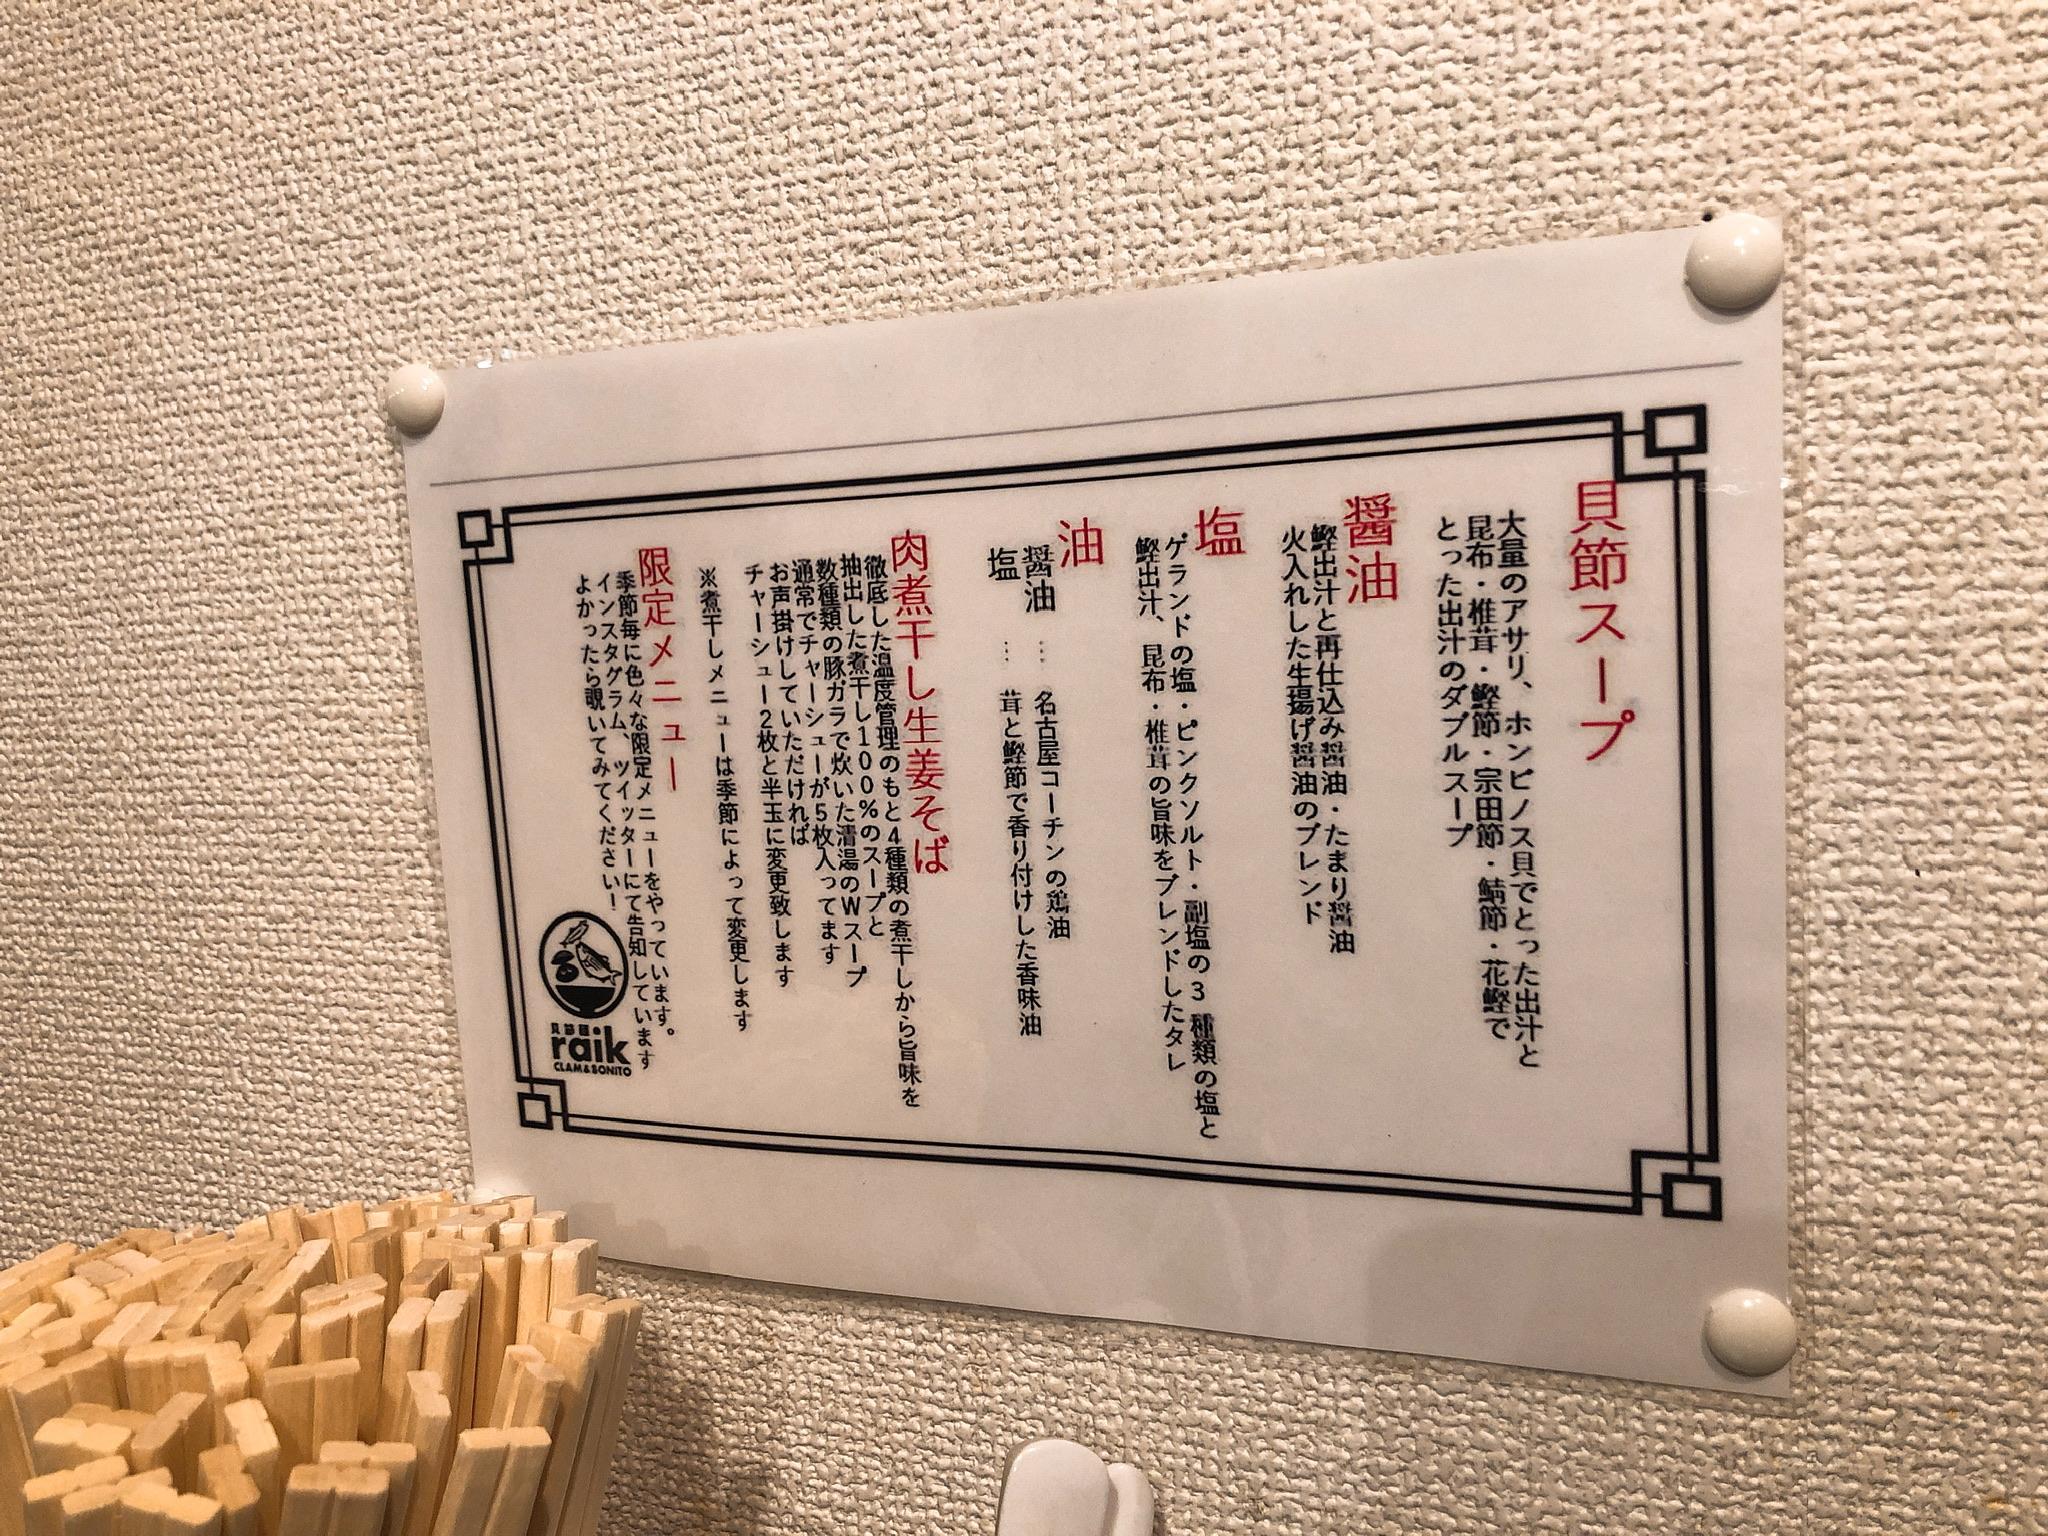 貝節麺raikのメニュー写真